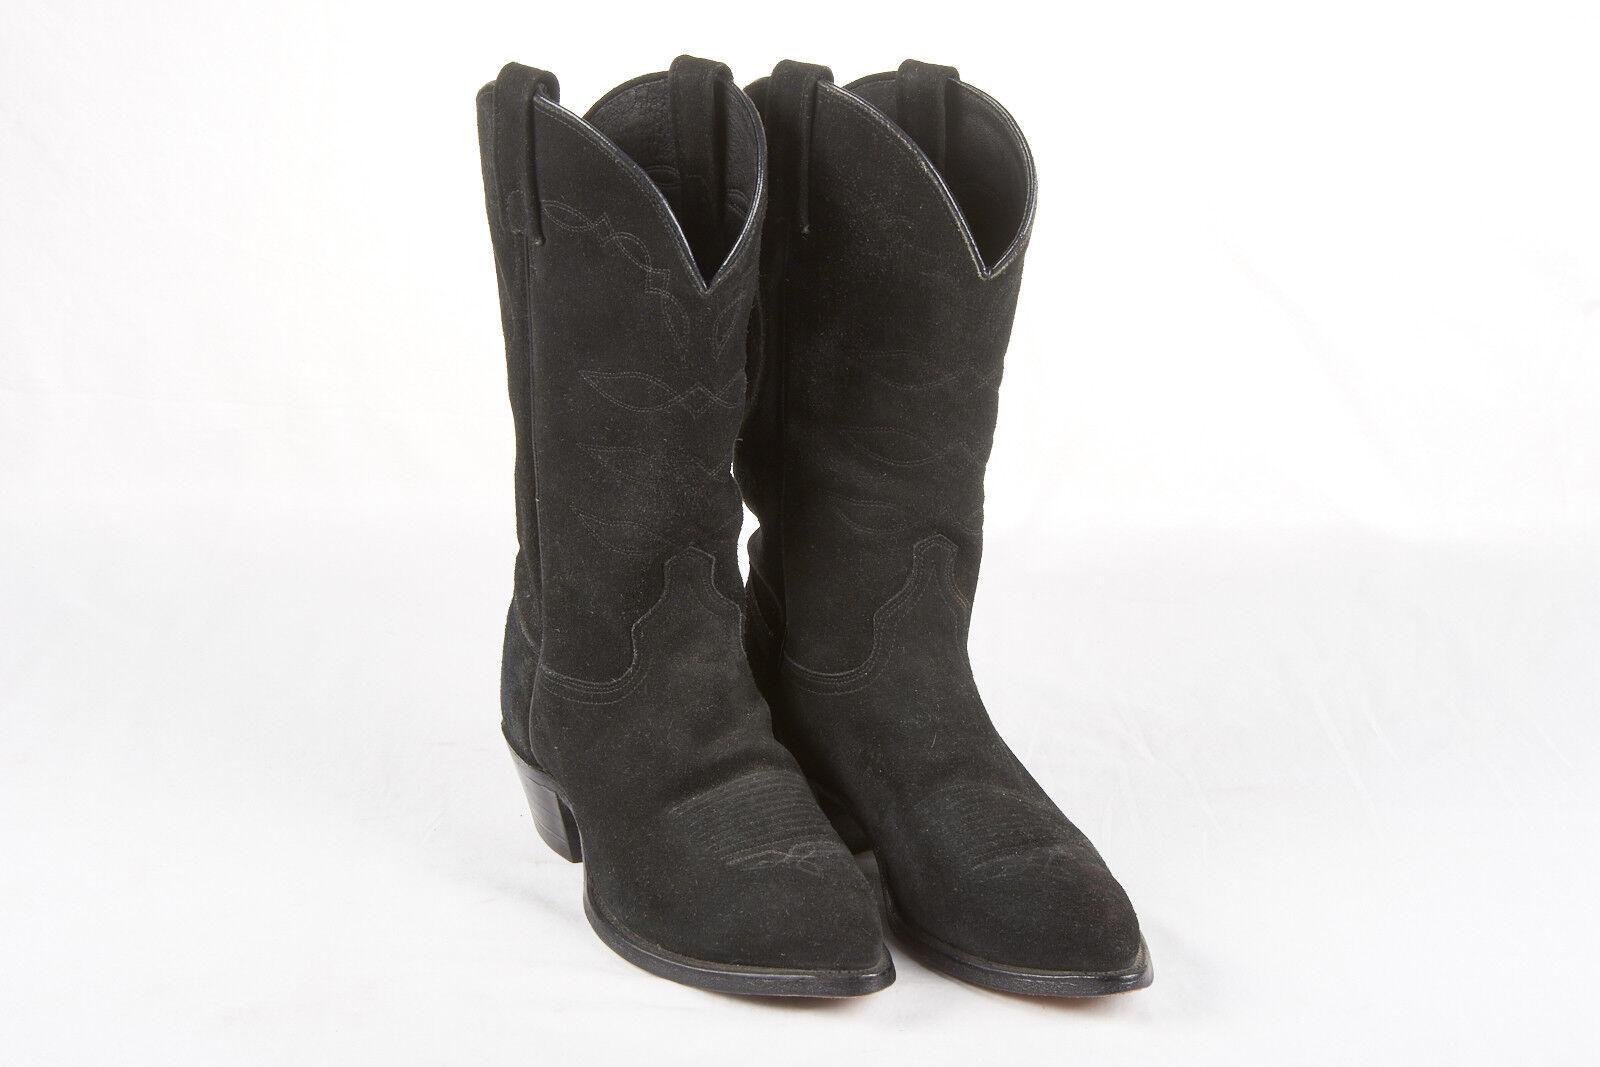 Chisholm botas de vaquero 9 Para Hombre Negra En Gamuza Negra Hombre Raven clásico hecho en Estados Unidos 0dabe5